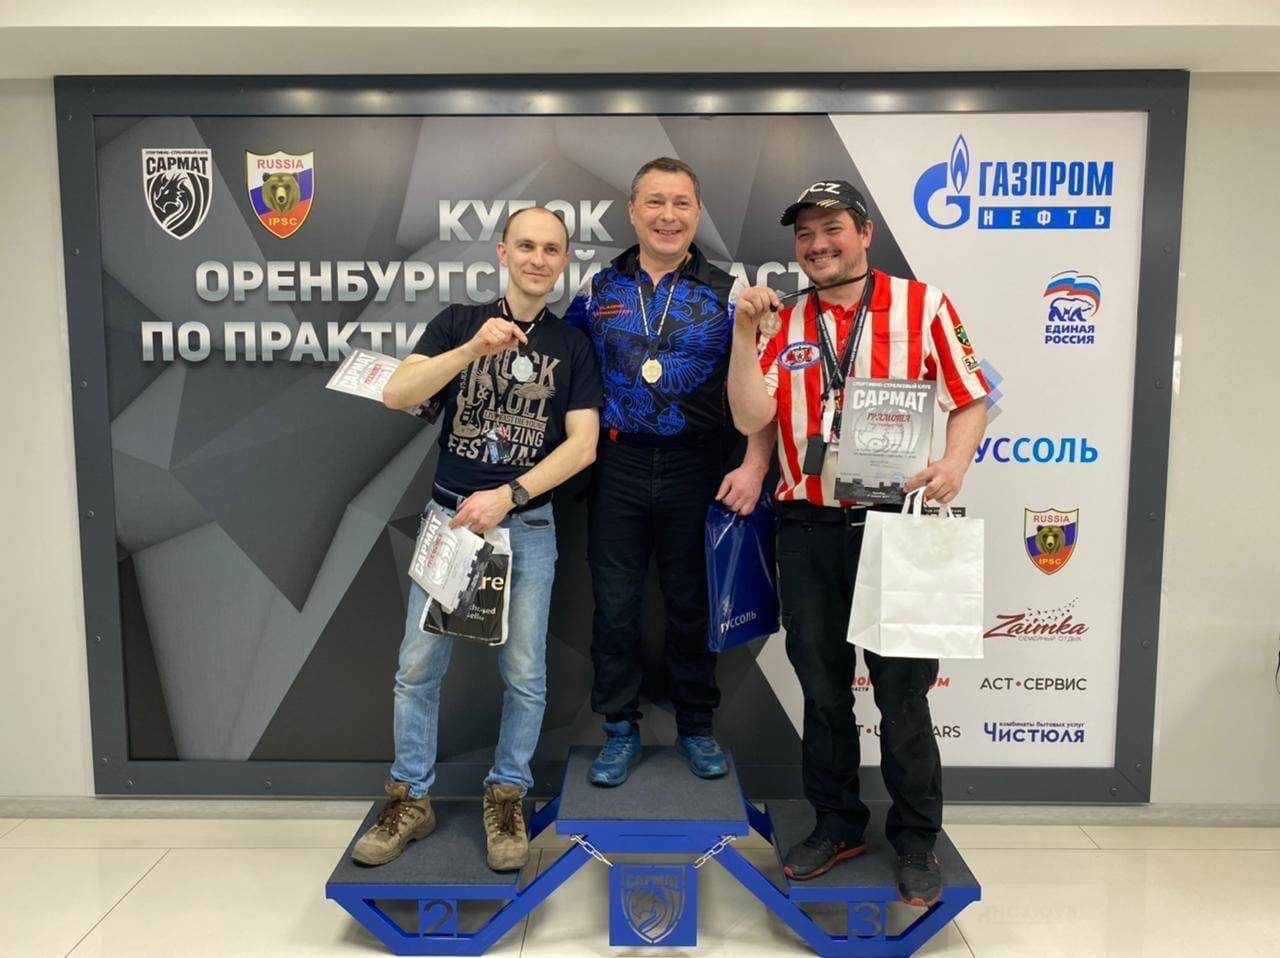 В Оренбуржье состоялся первый этап Кубка по практической стрельбе